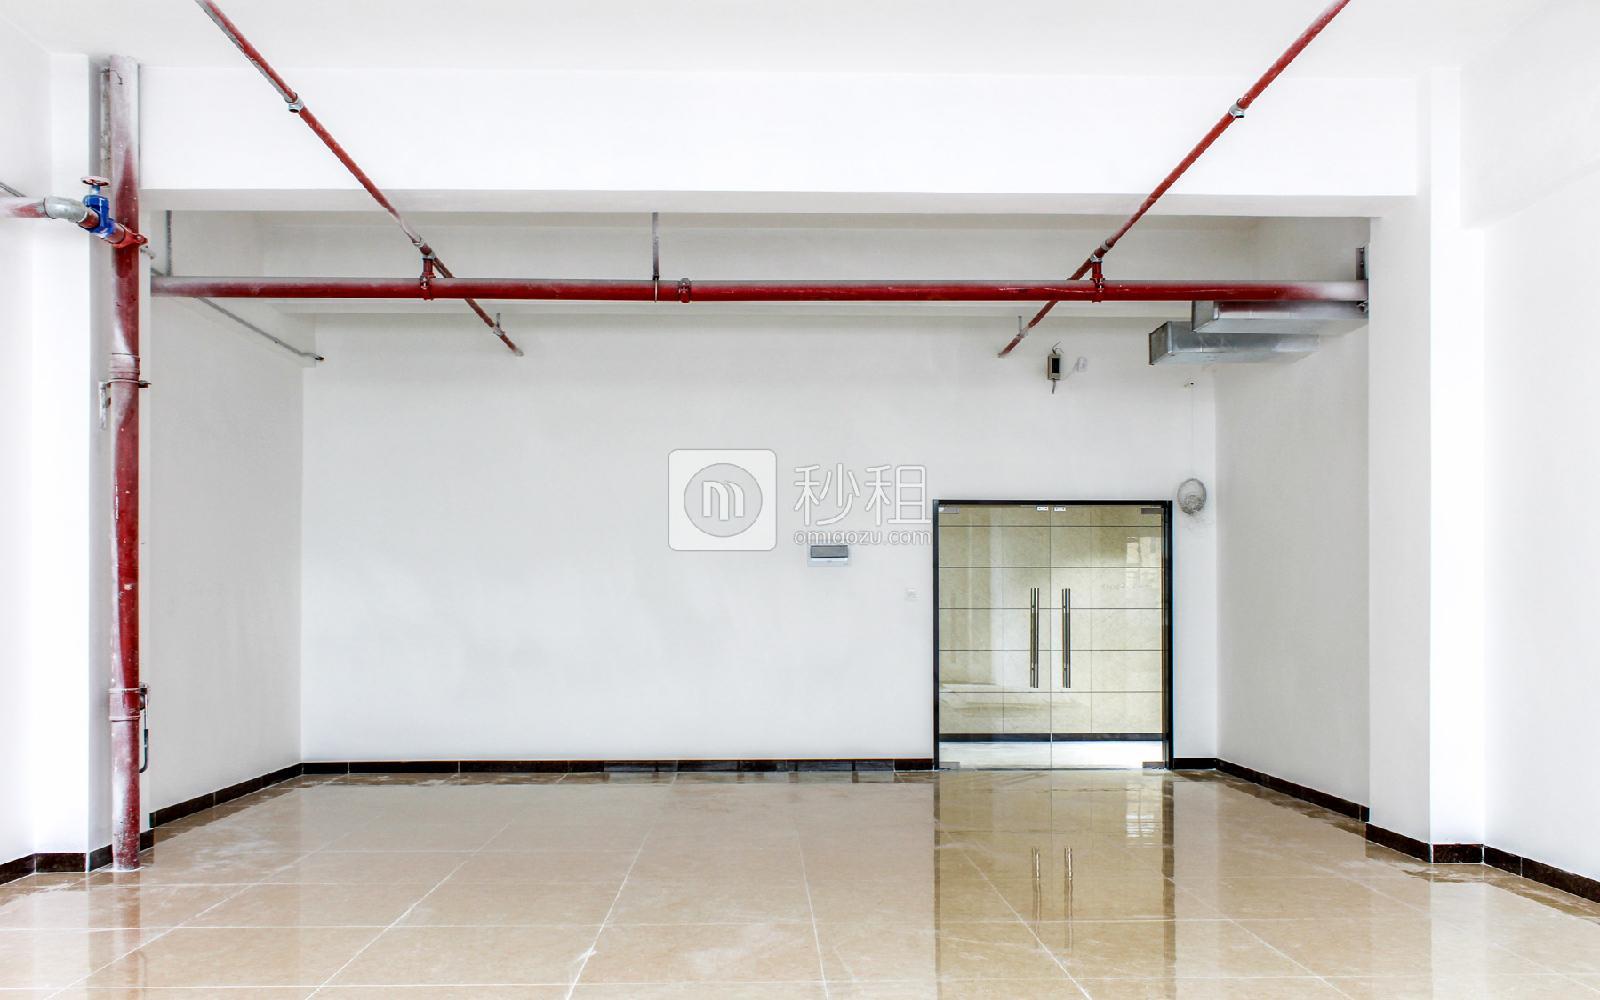 客盛智创大厦写字楼出租145平米简装办公室60元/m².月